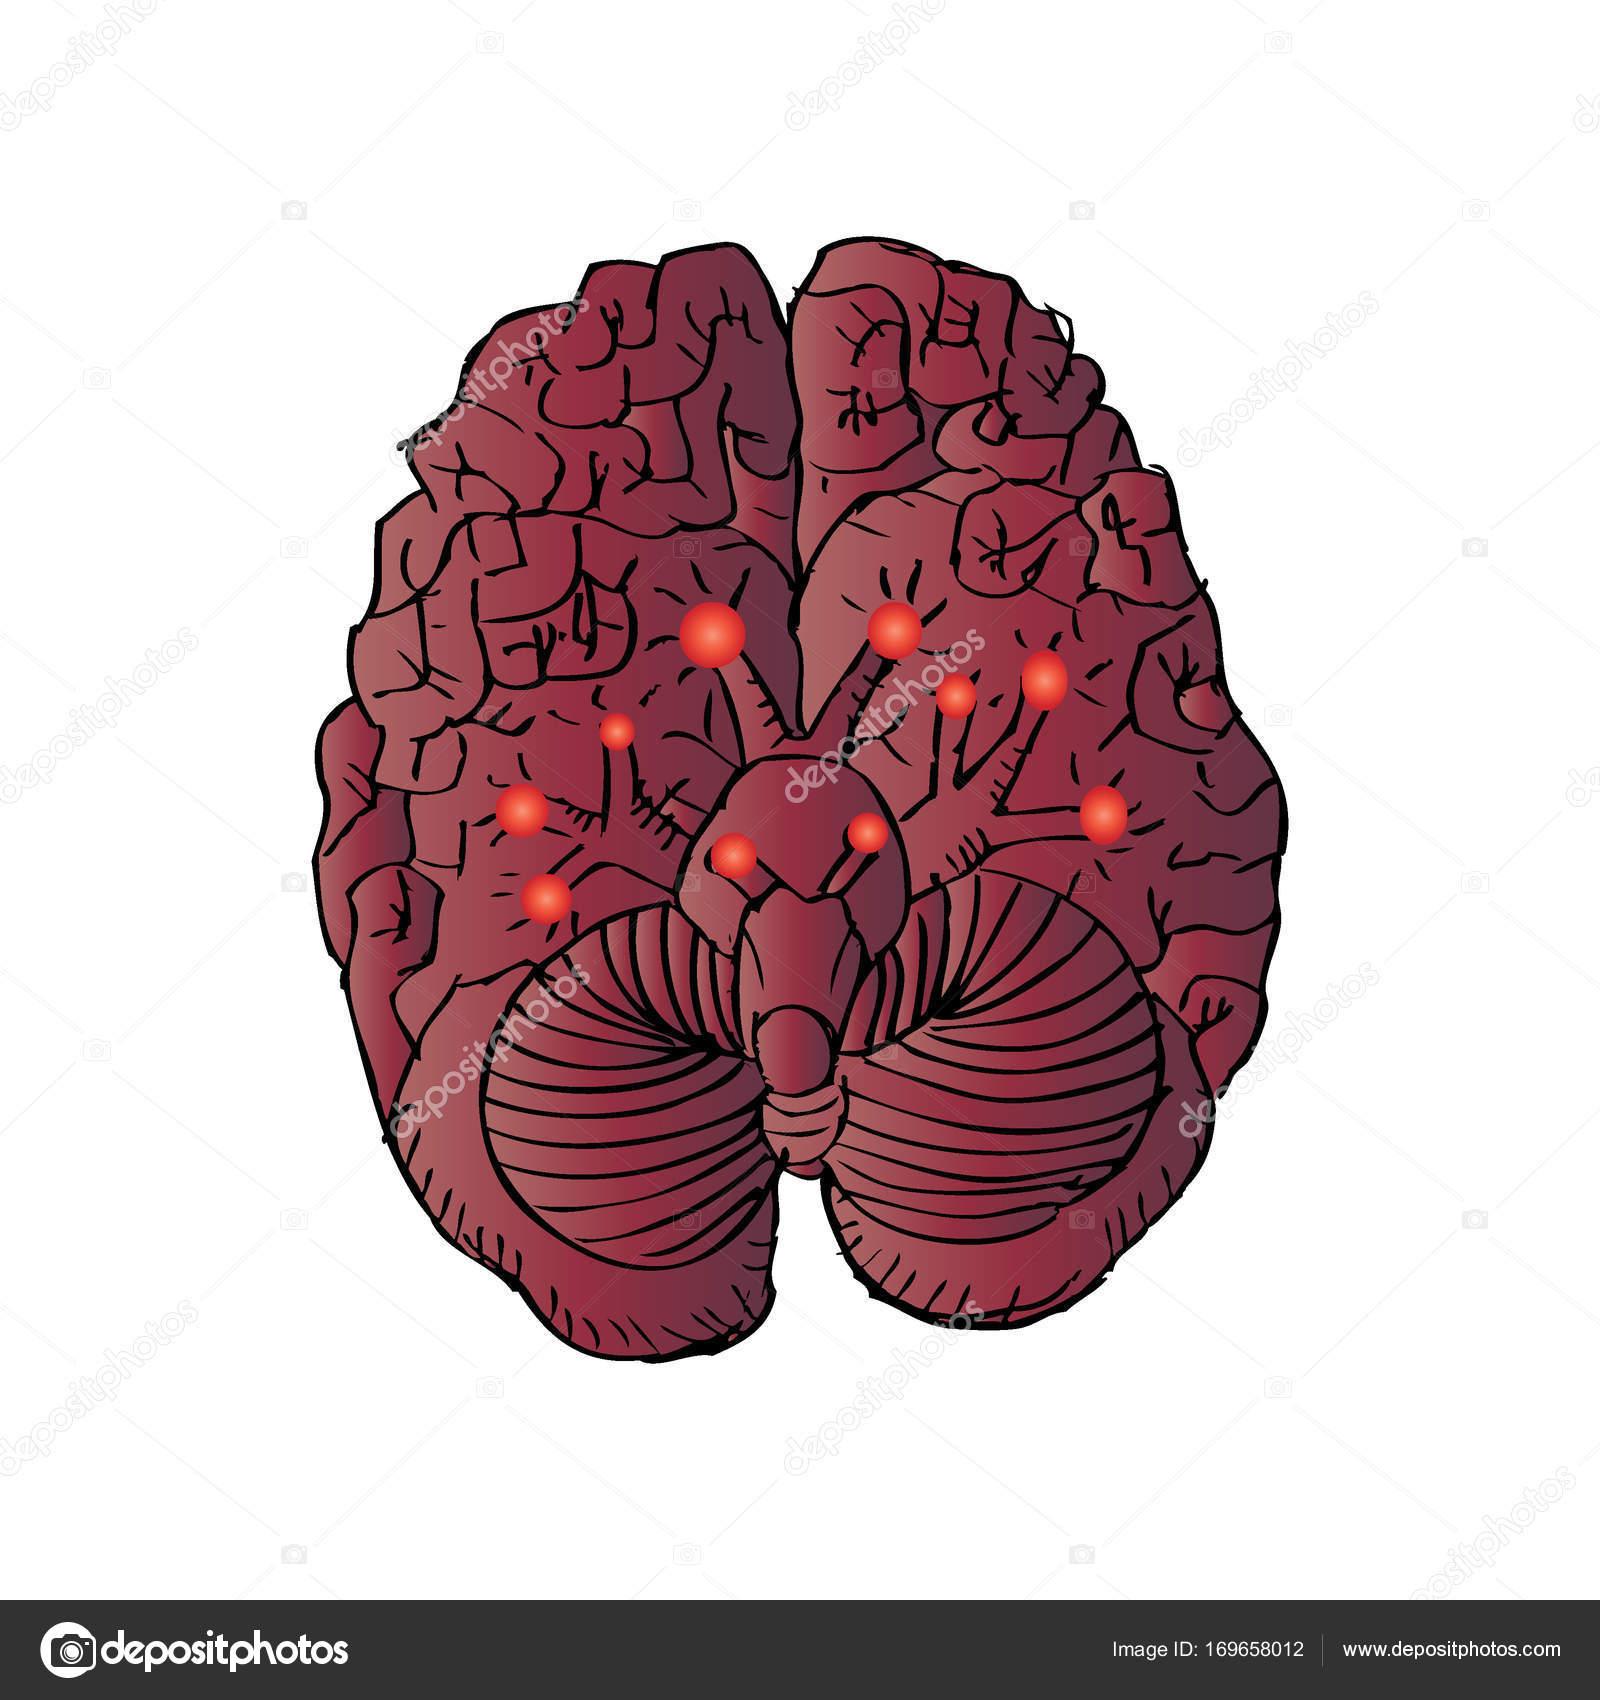 Incompleta de los nervios craneales — Foto de stock © Handini #169658012